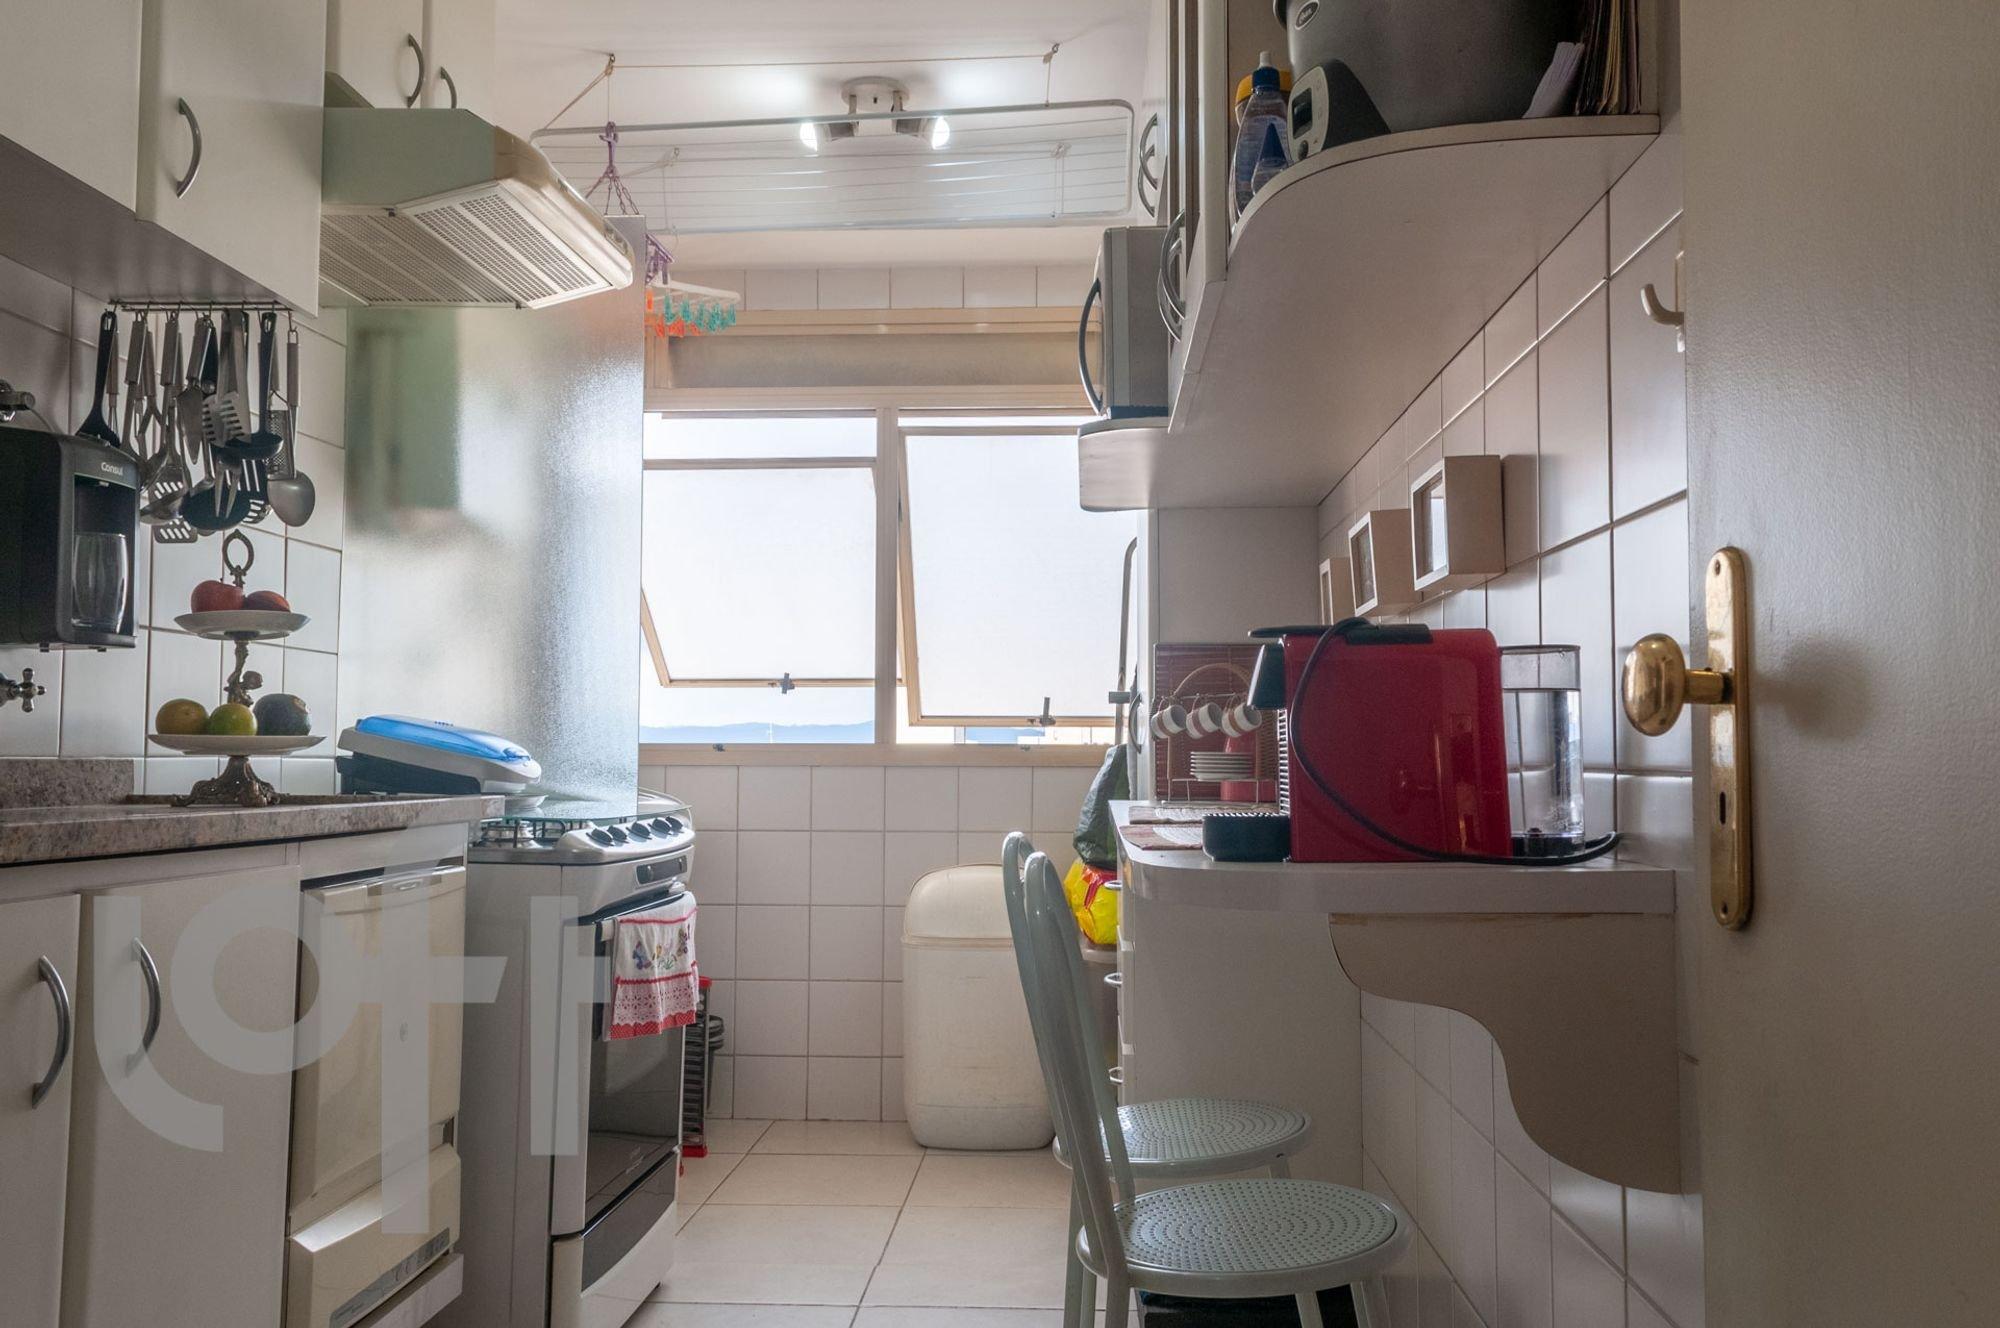 Foto de Cozinha com banana, cadeira